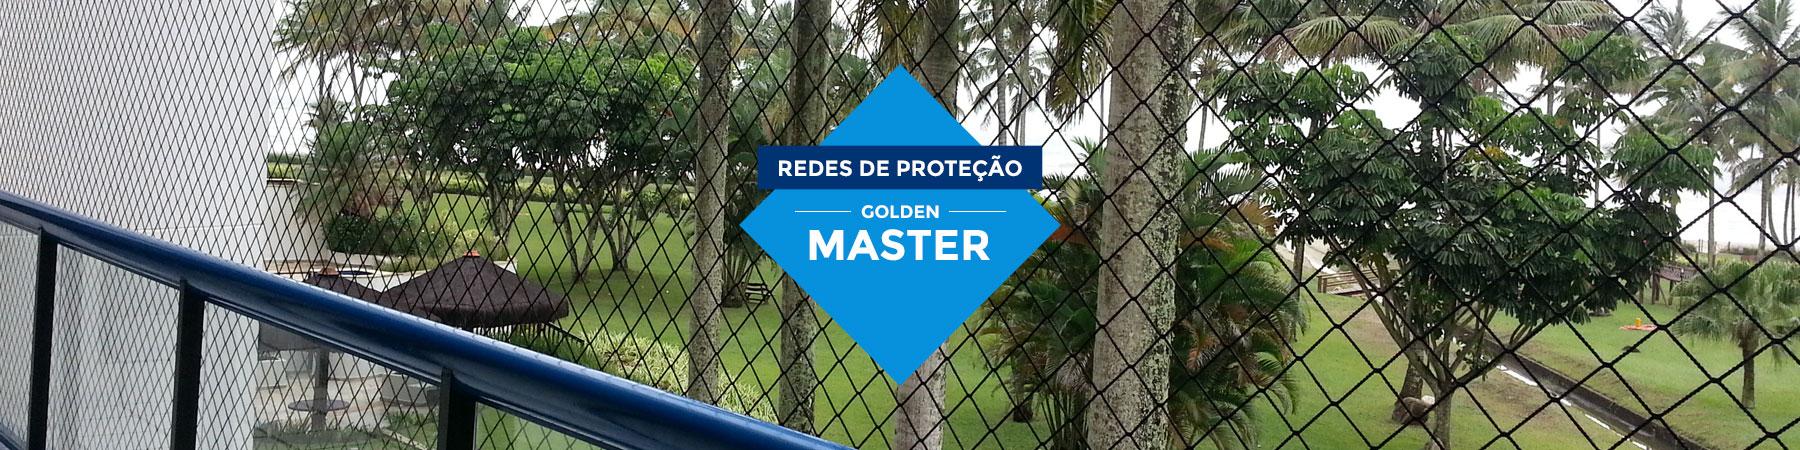 rede-de-protecao-golden-master01